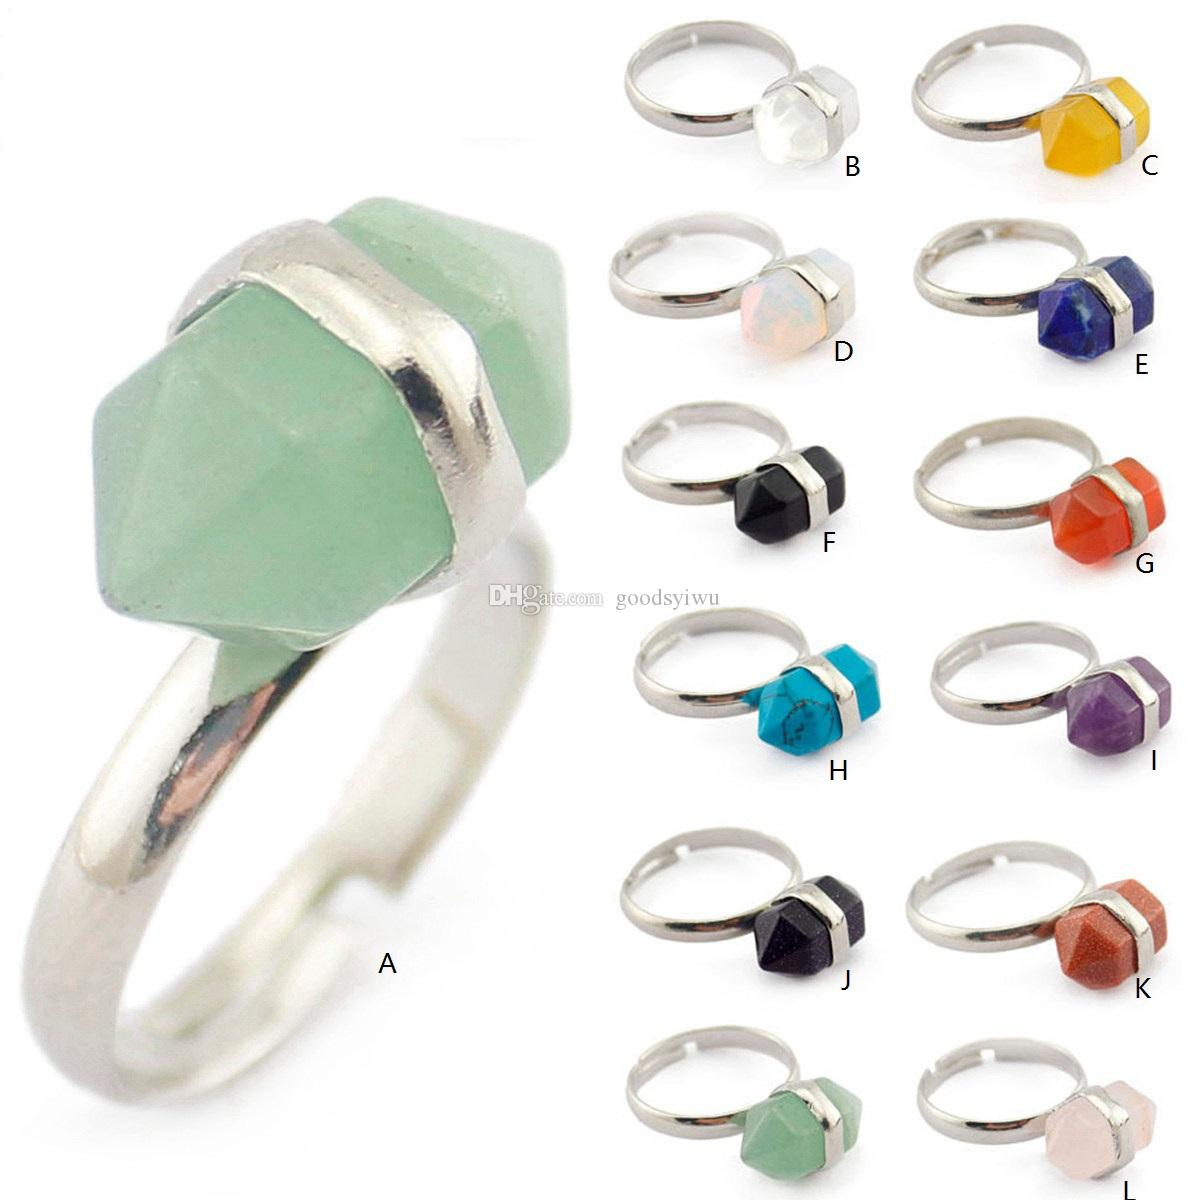 Moda naturale cristallo corto esagono prisma anello di pietra quarzo guarigione Chakra anelli di pietre preziose gioielli di apertura della Boemia le donne